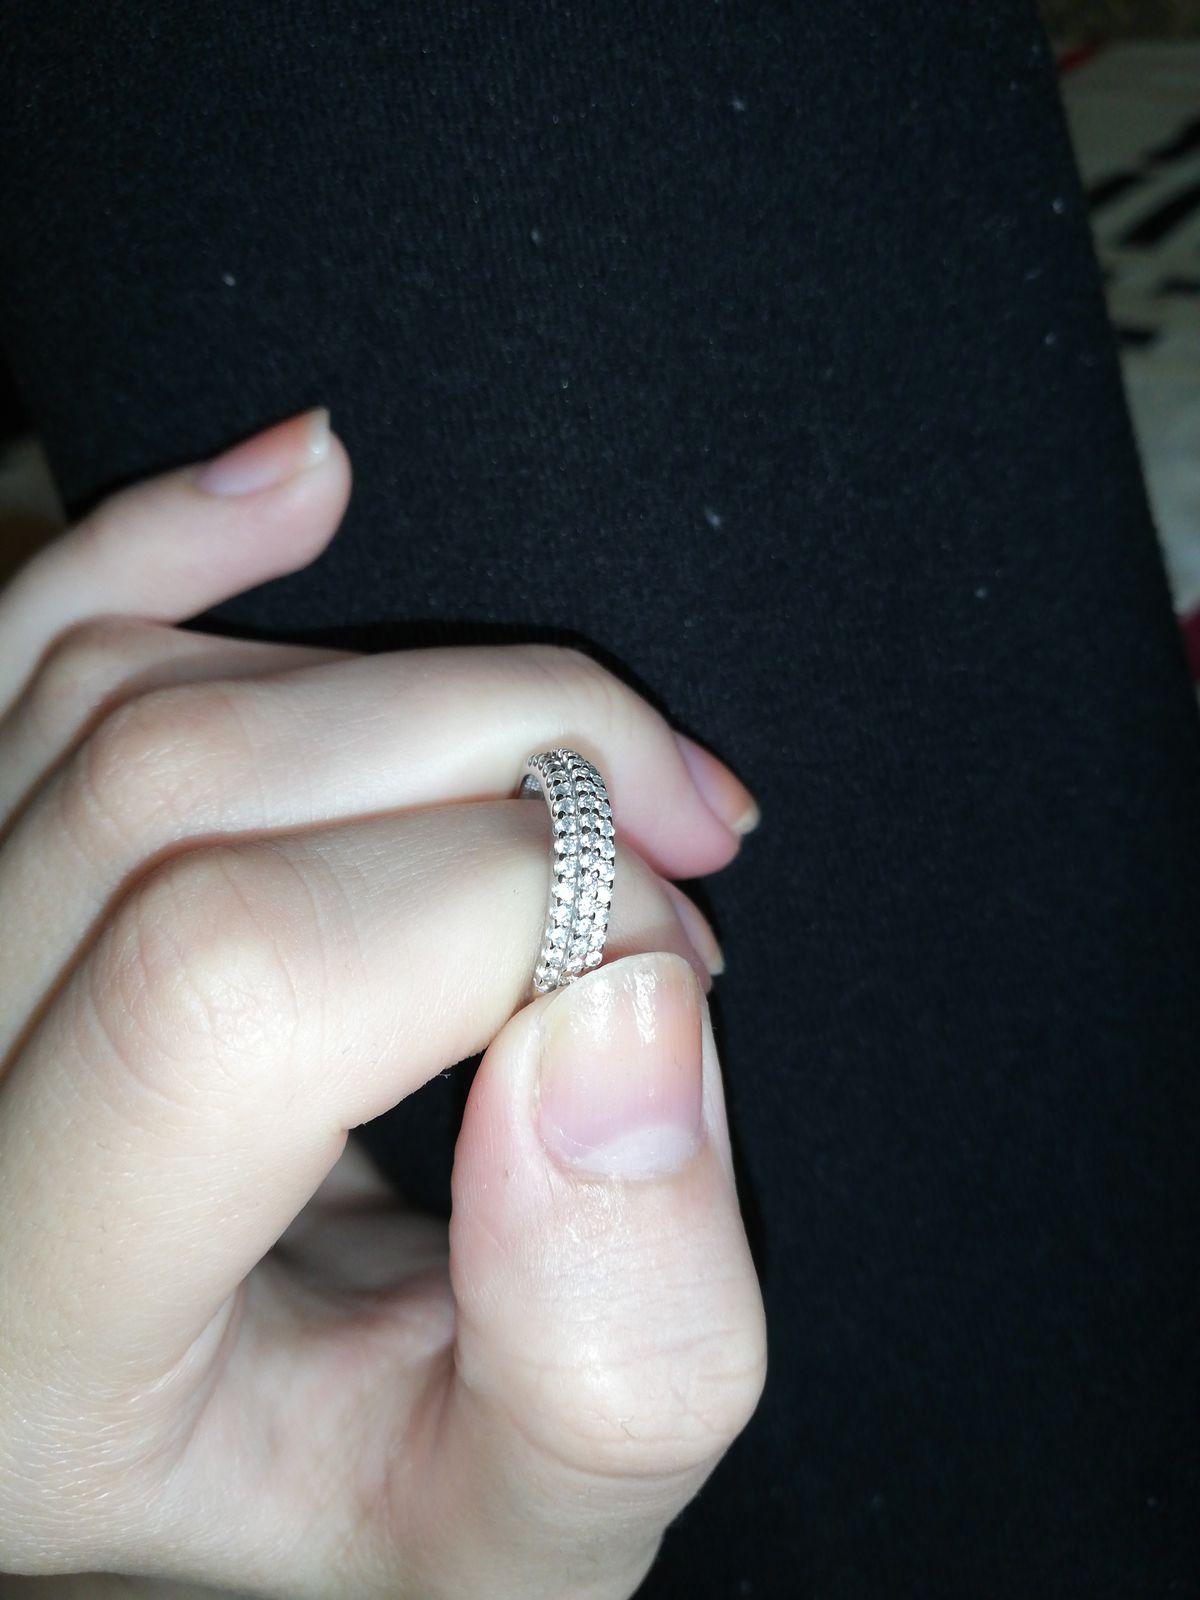 Красивое кольцо. Оооочень дорого смотрится на руке (на фото не настолько)))